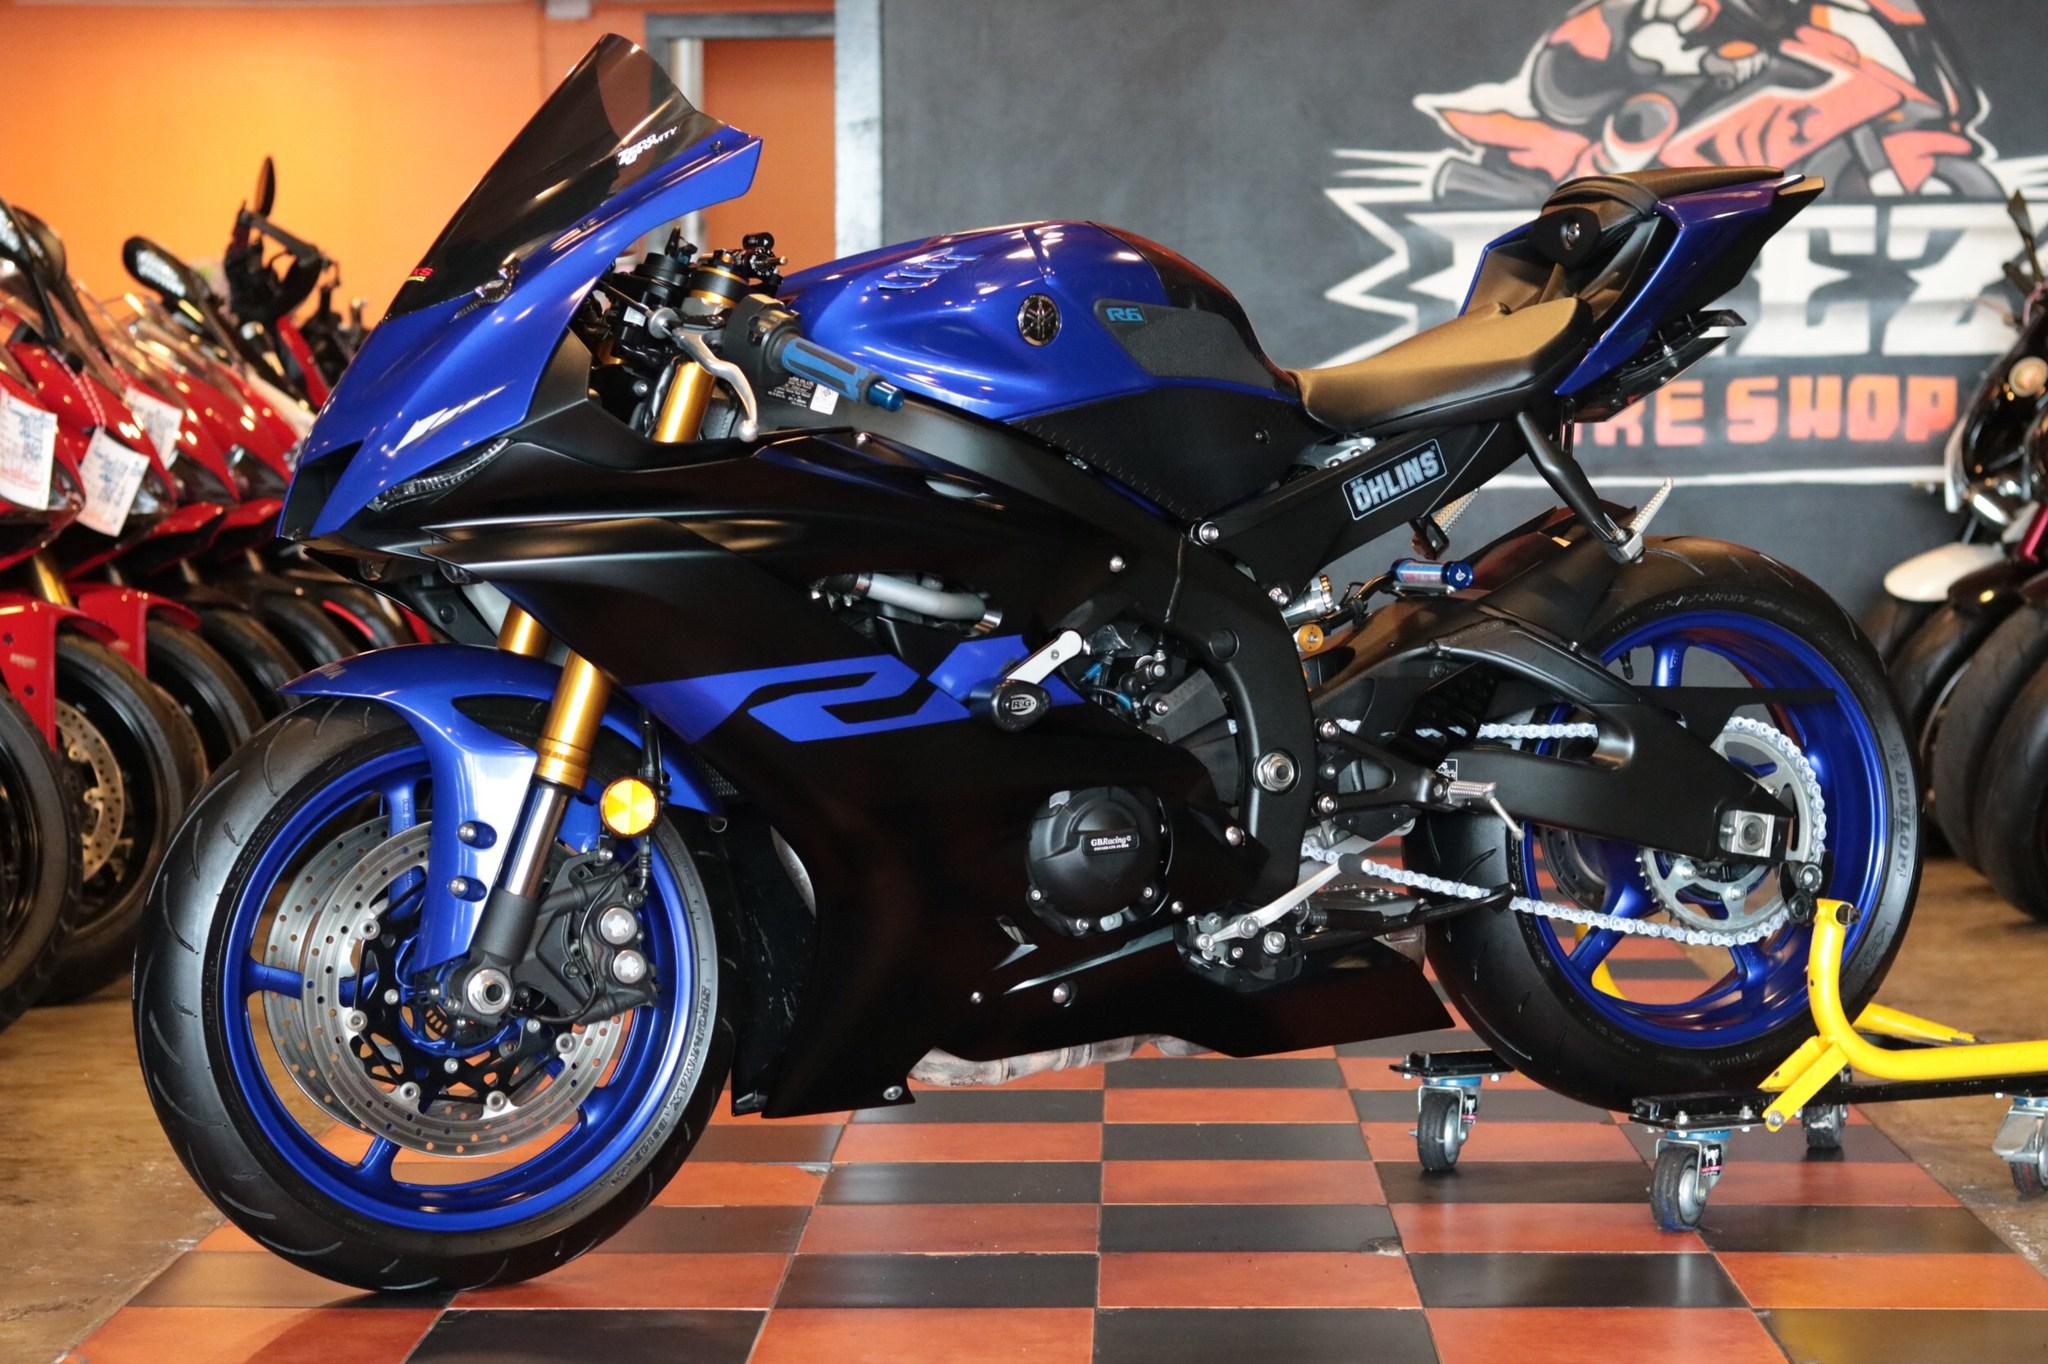 ขาย Yamaha YZF-R6 ABS ปี 2019